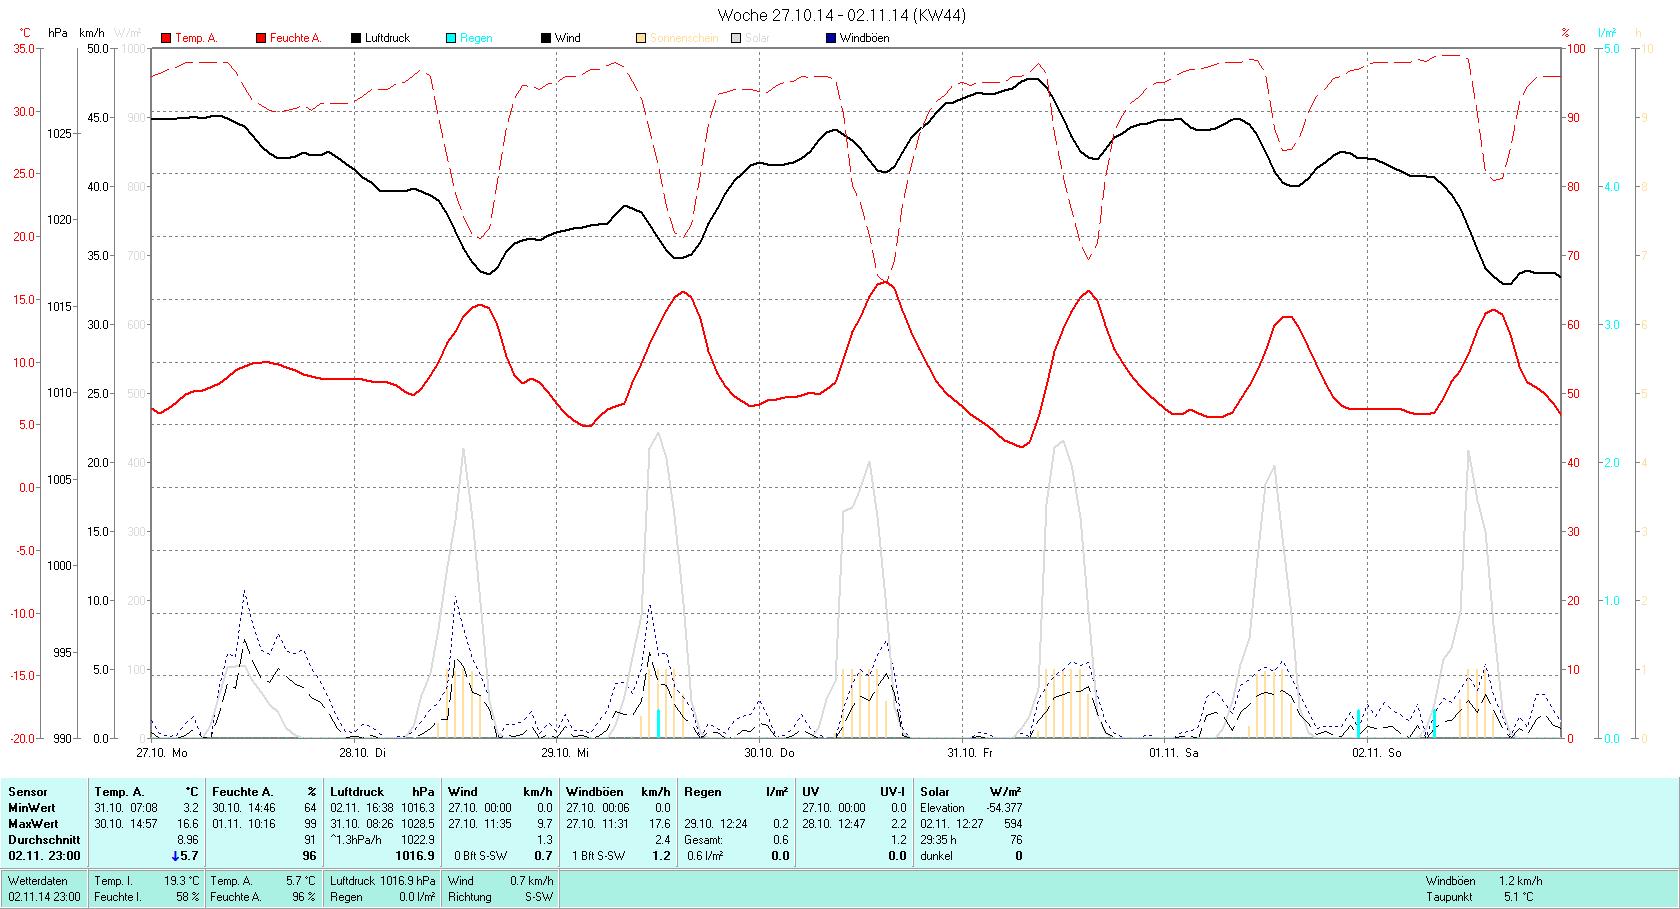 KW 44 Tmin  3.2°C, Tmax 16.6°C, Sonne 29:35h, Niederschlag 0.6mm/2